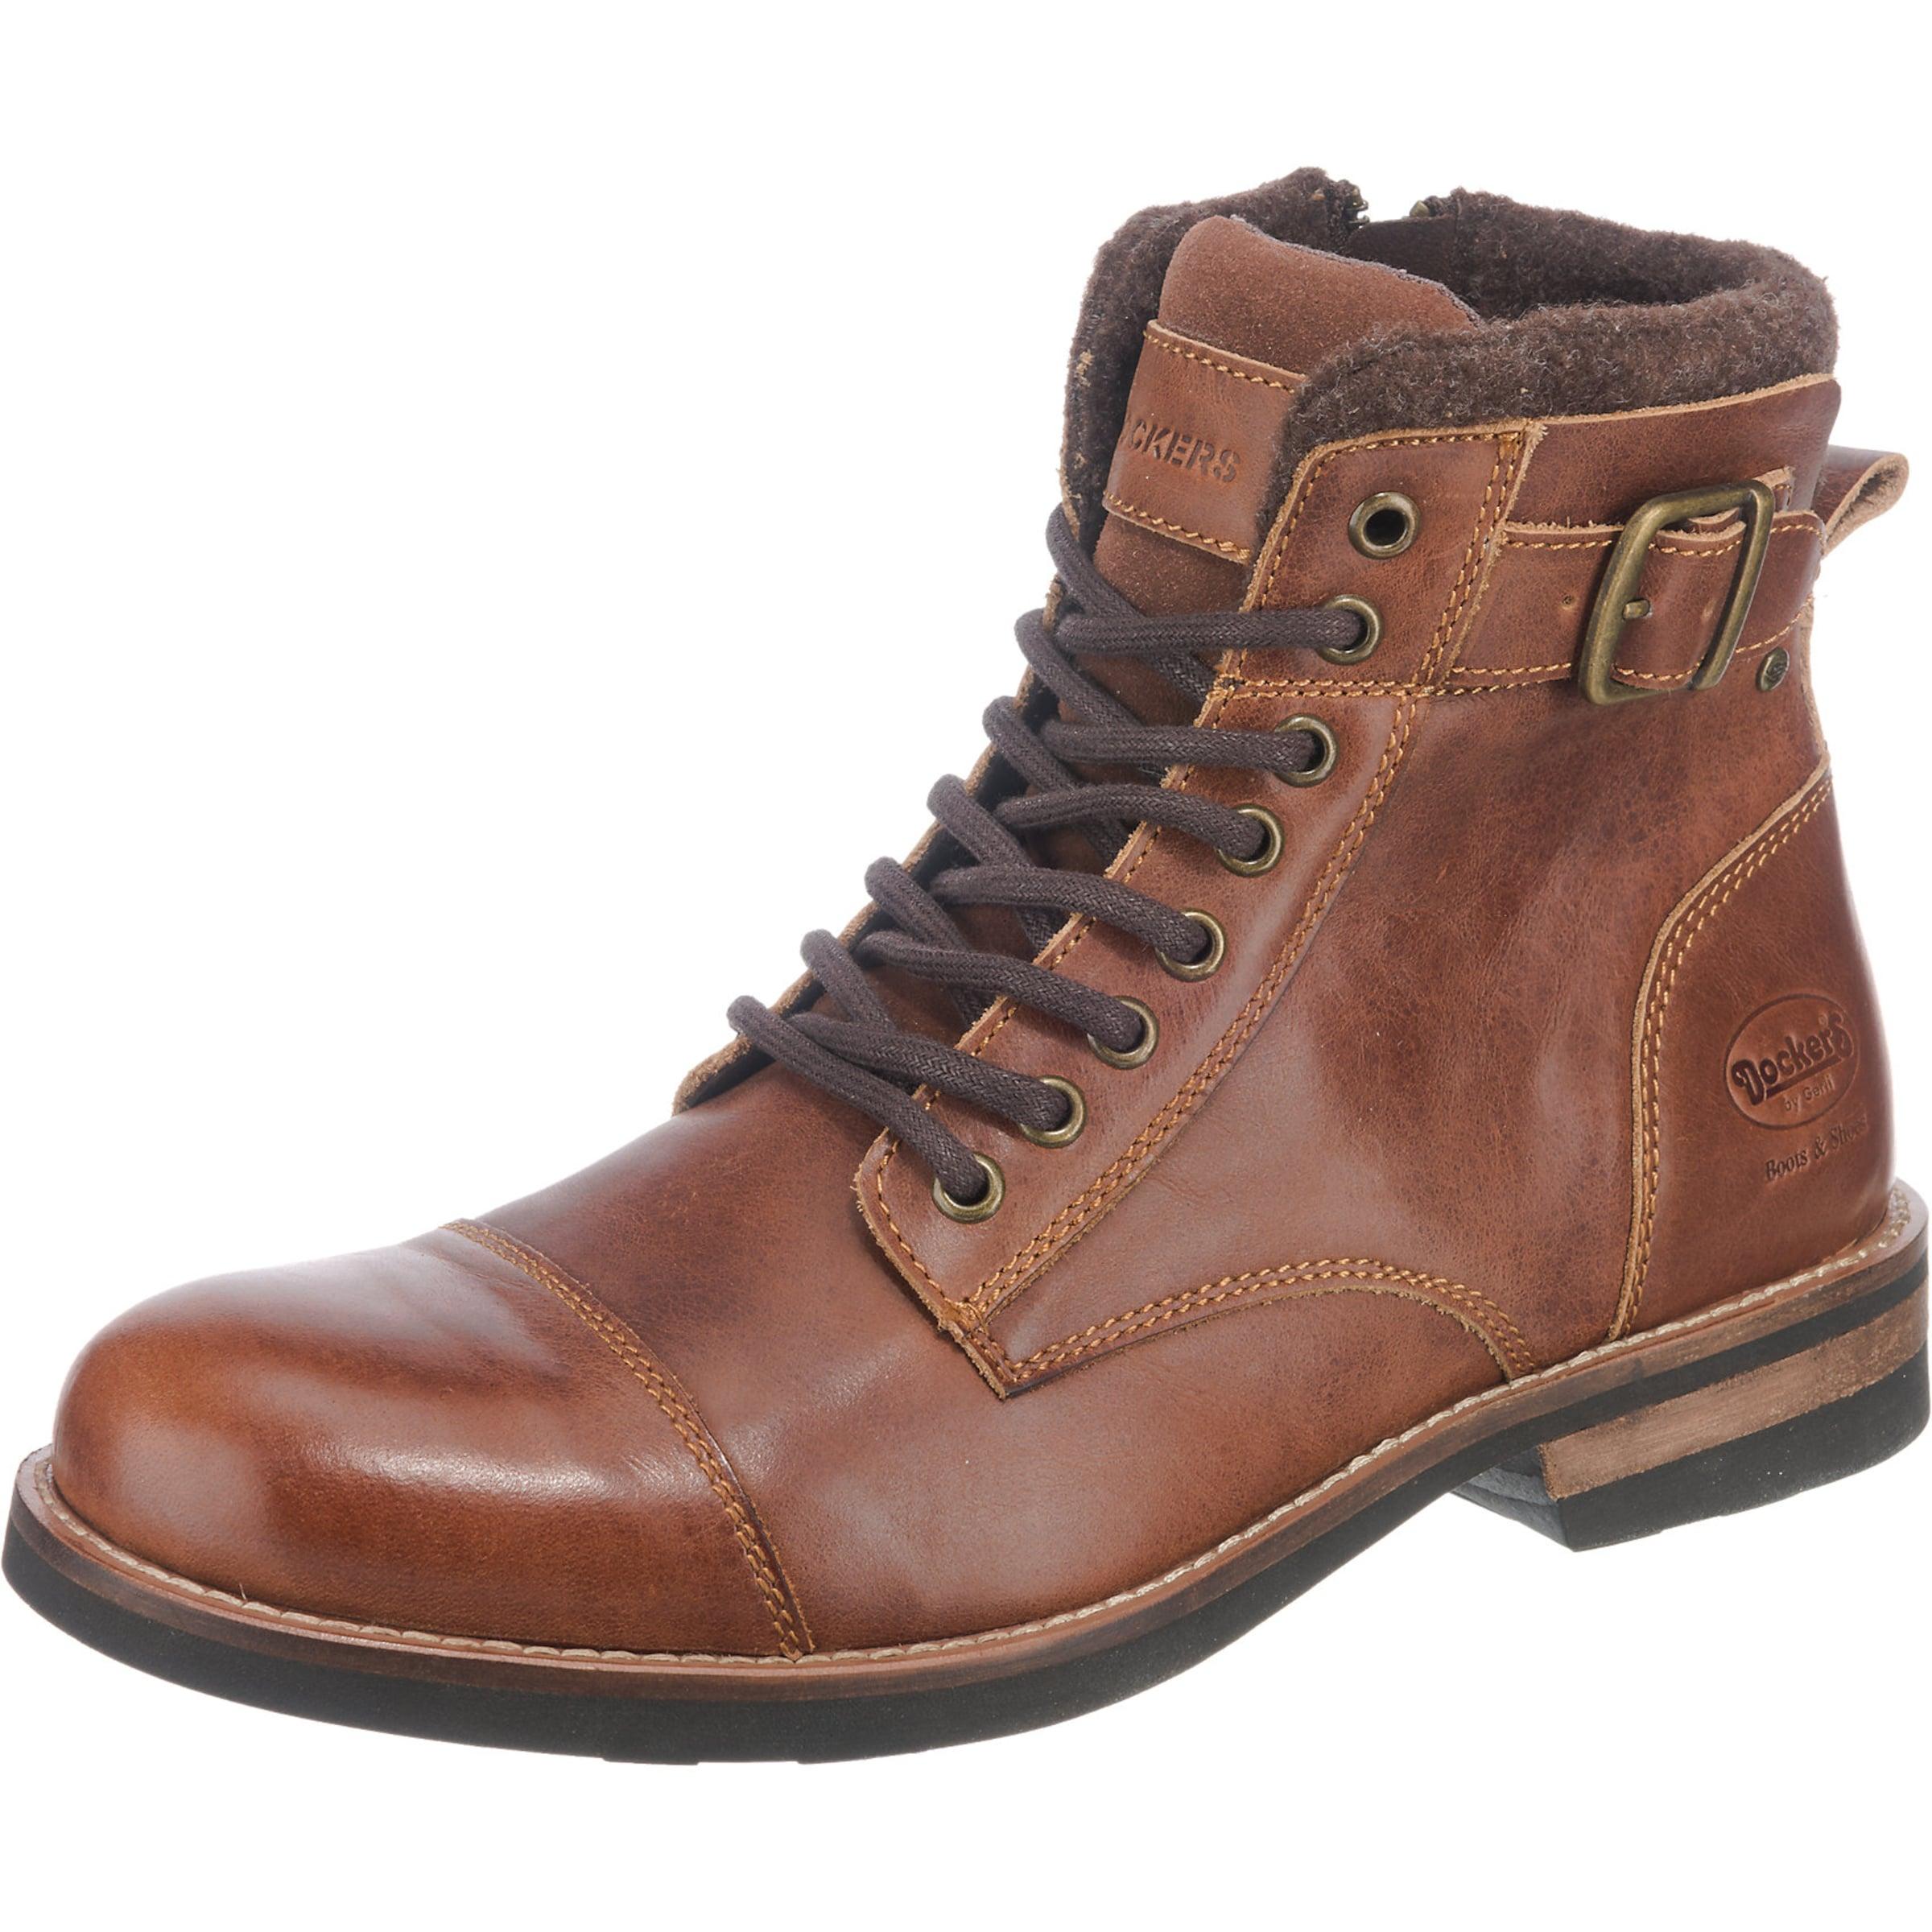 Dockers by Gerli Stiefeletten Günstige und langlebige Schuhe